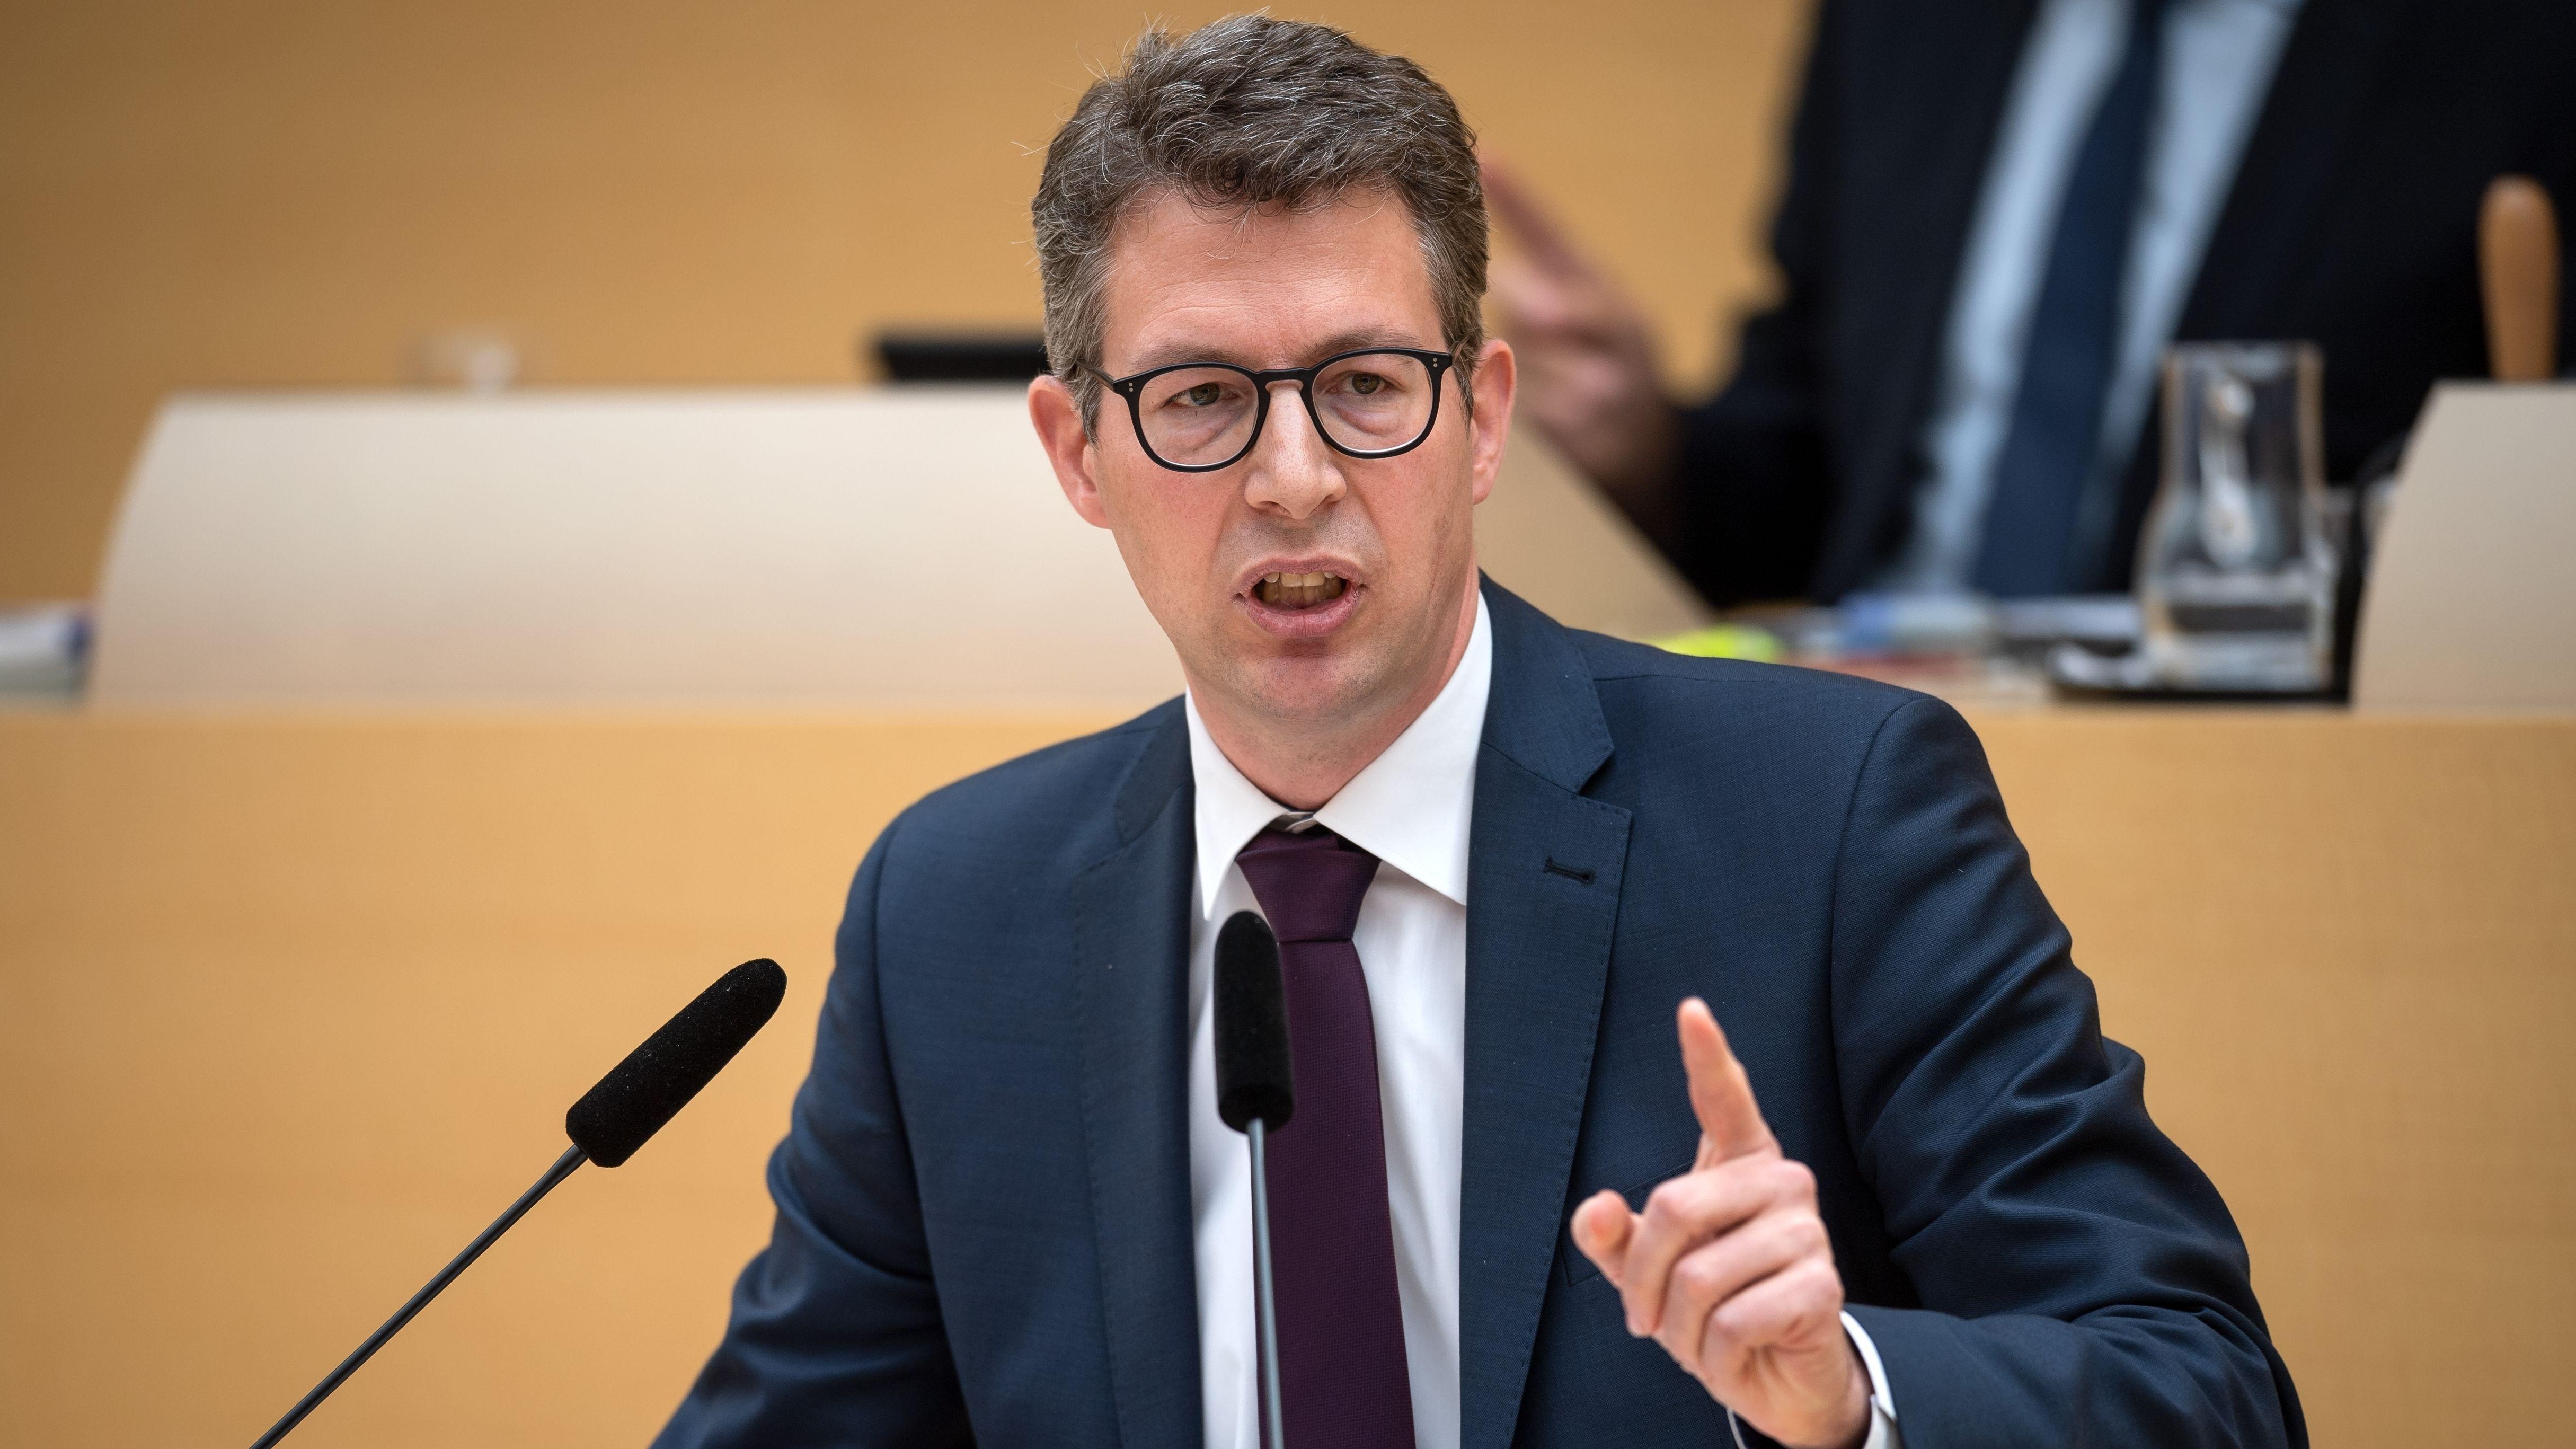 23.05.2019, Bayern, München: Markus Blume, CSU-Generalsekretär, spricht im Plenarsaal während einer Landtagssitzung.